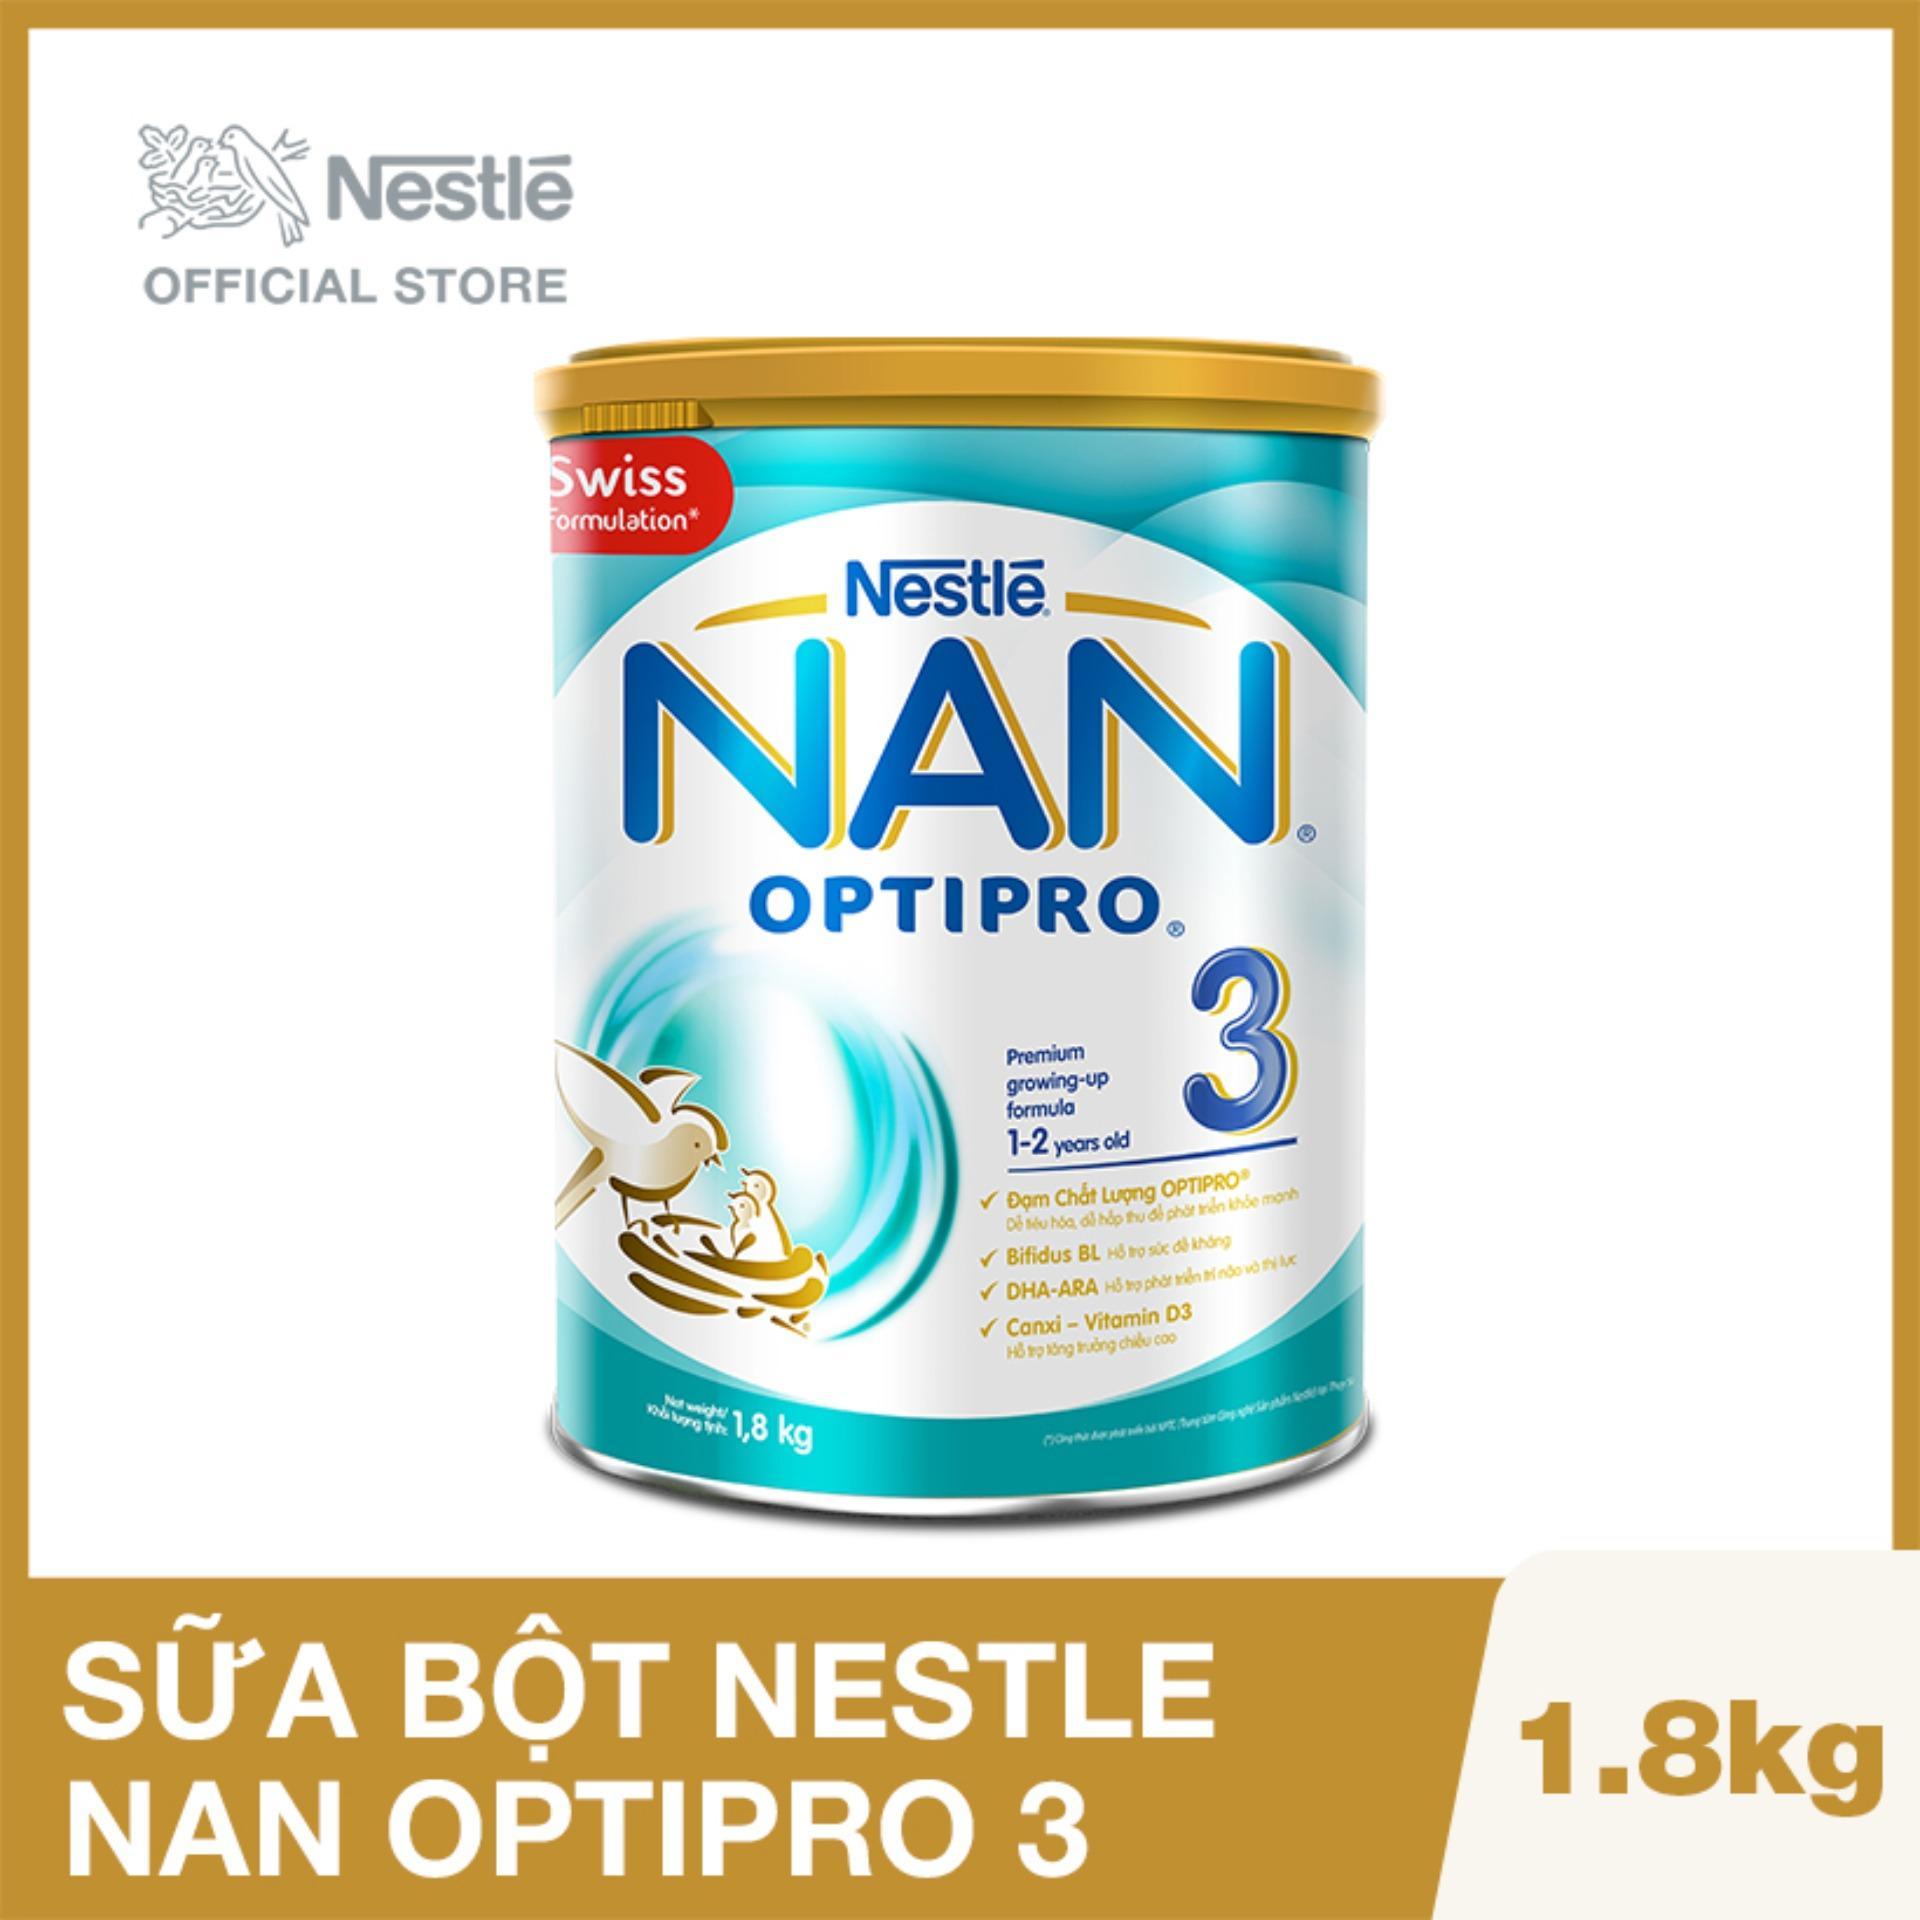 Sữa bột Nestlé NAN OPTIPRO 3 lon 1.8kg